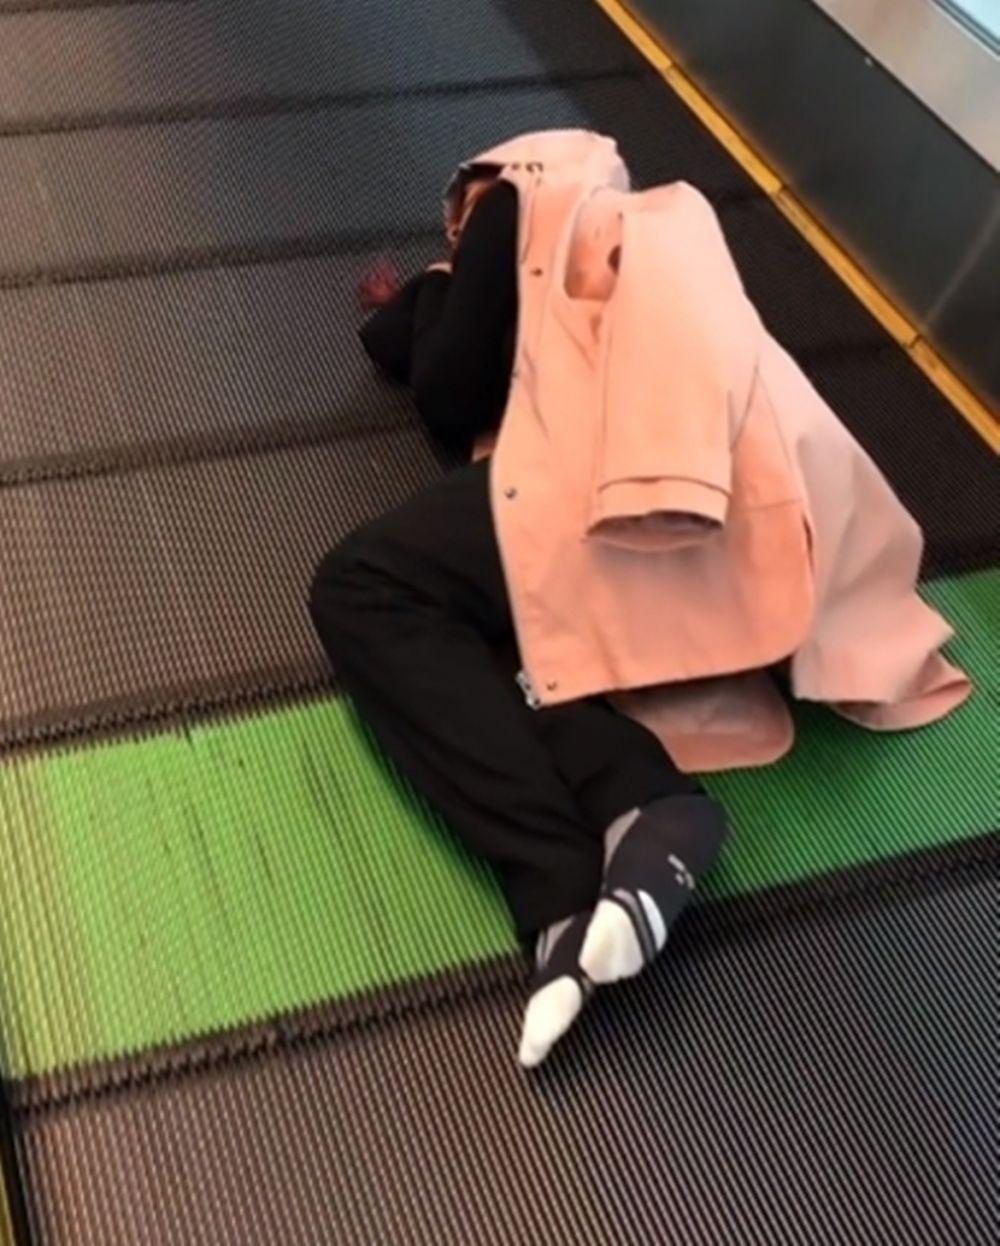 5 Tingkah nyeleneh Soimah saat liburan ke Jepang, kocak banget © 2020 instagram.com